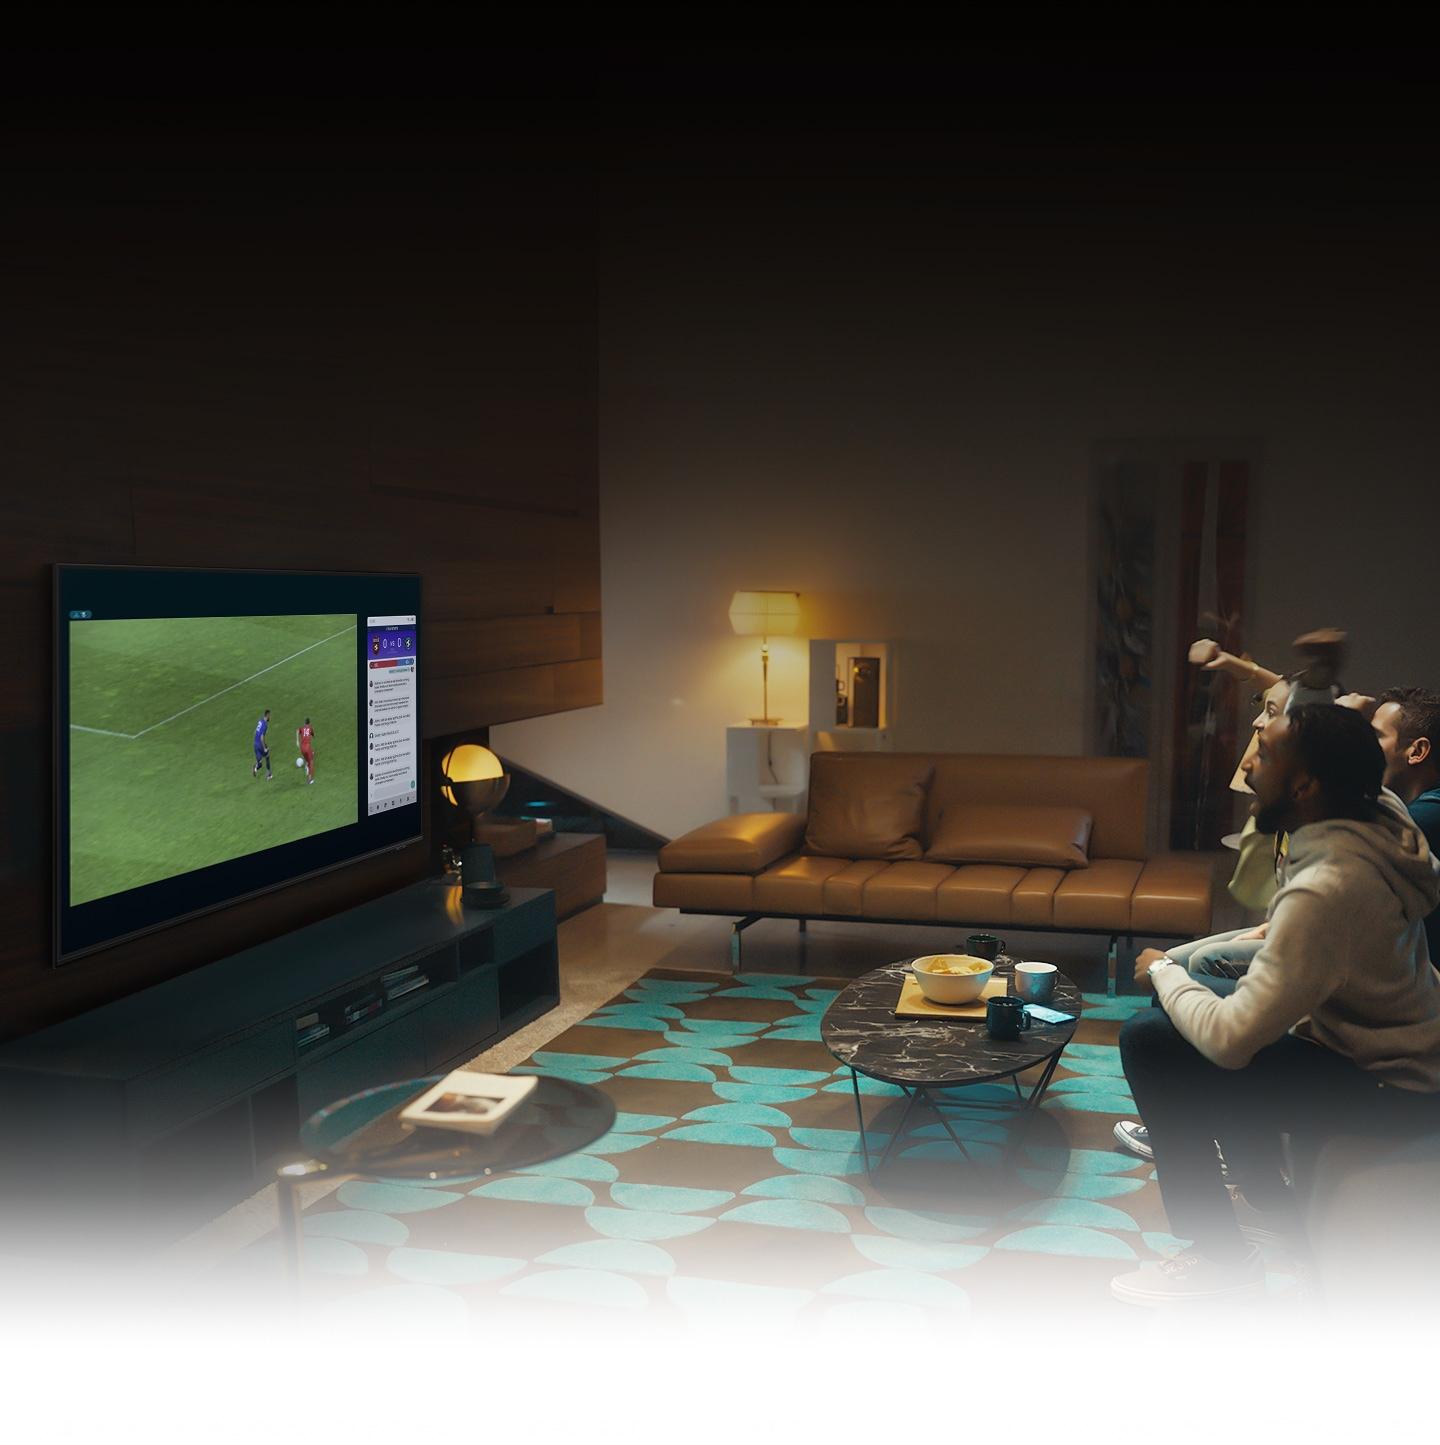 Skupina lidí používá funkci QLED TV Multi view, aby si užila fotbalový zápas a zobrazila informace o hře současně na stejné obrazovce.